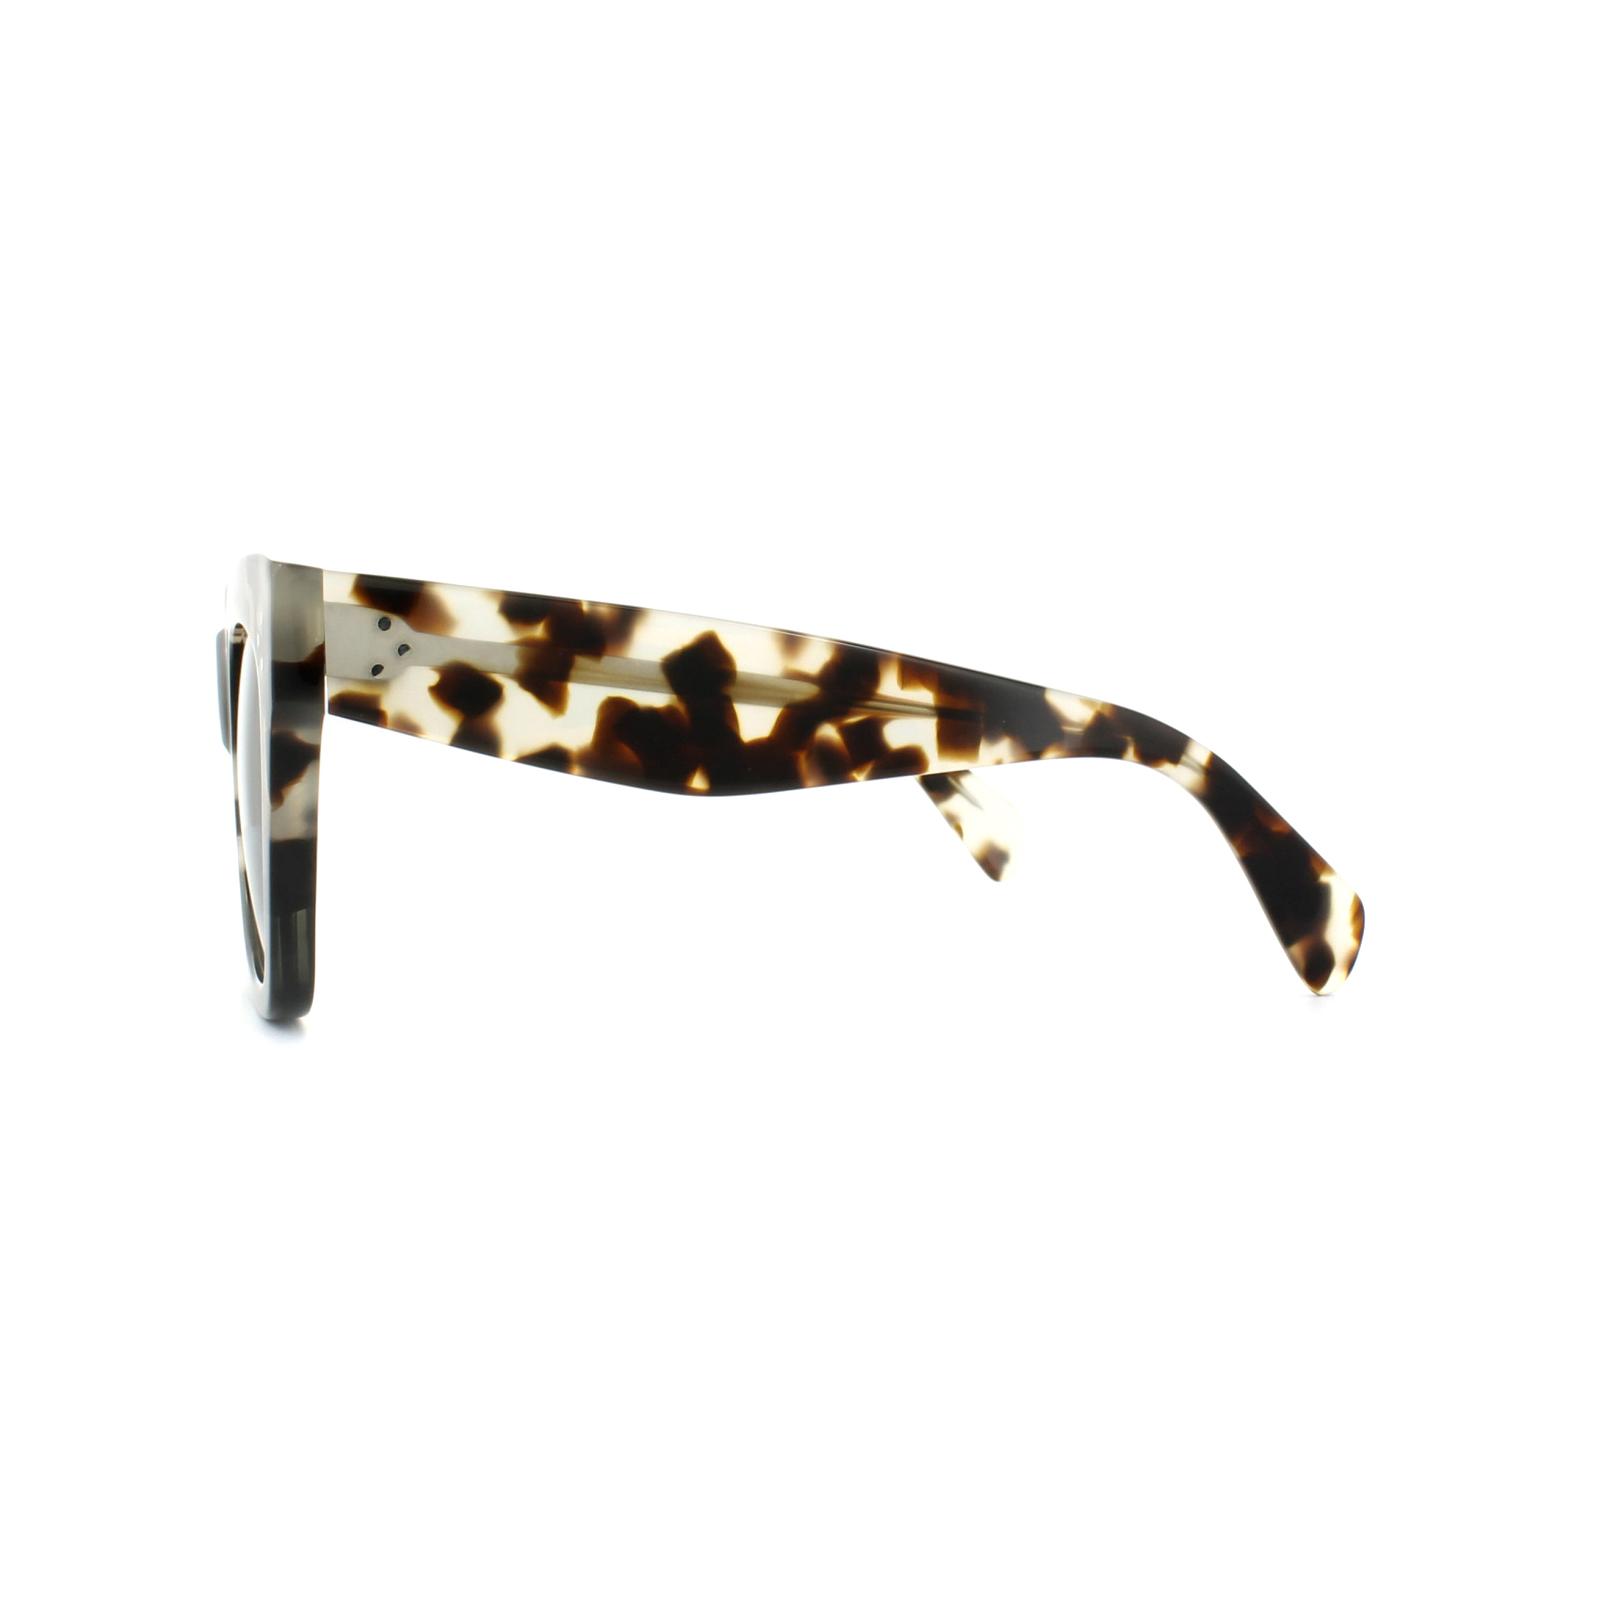 87e99389dd2 Cheap Celine 41090 S Catherine Sunglasses - Discounted Sunglasses